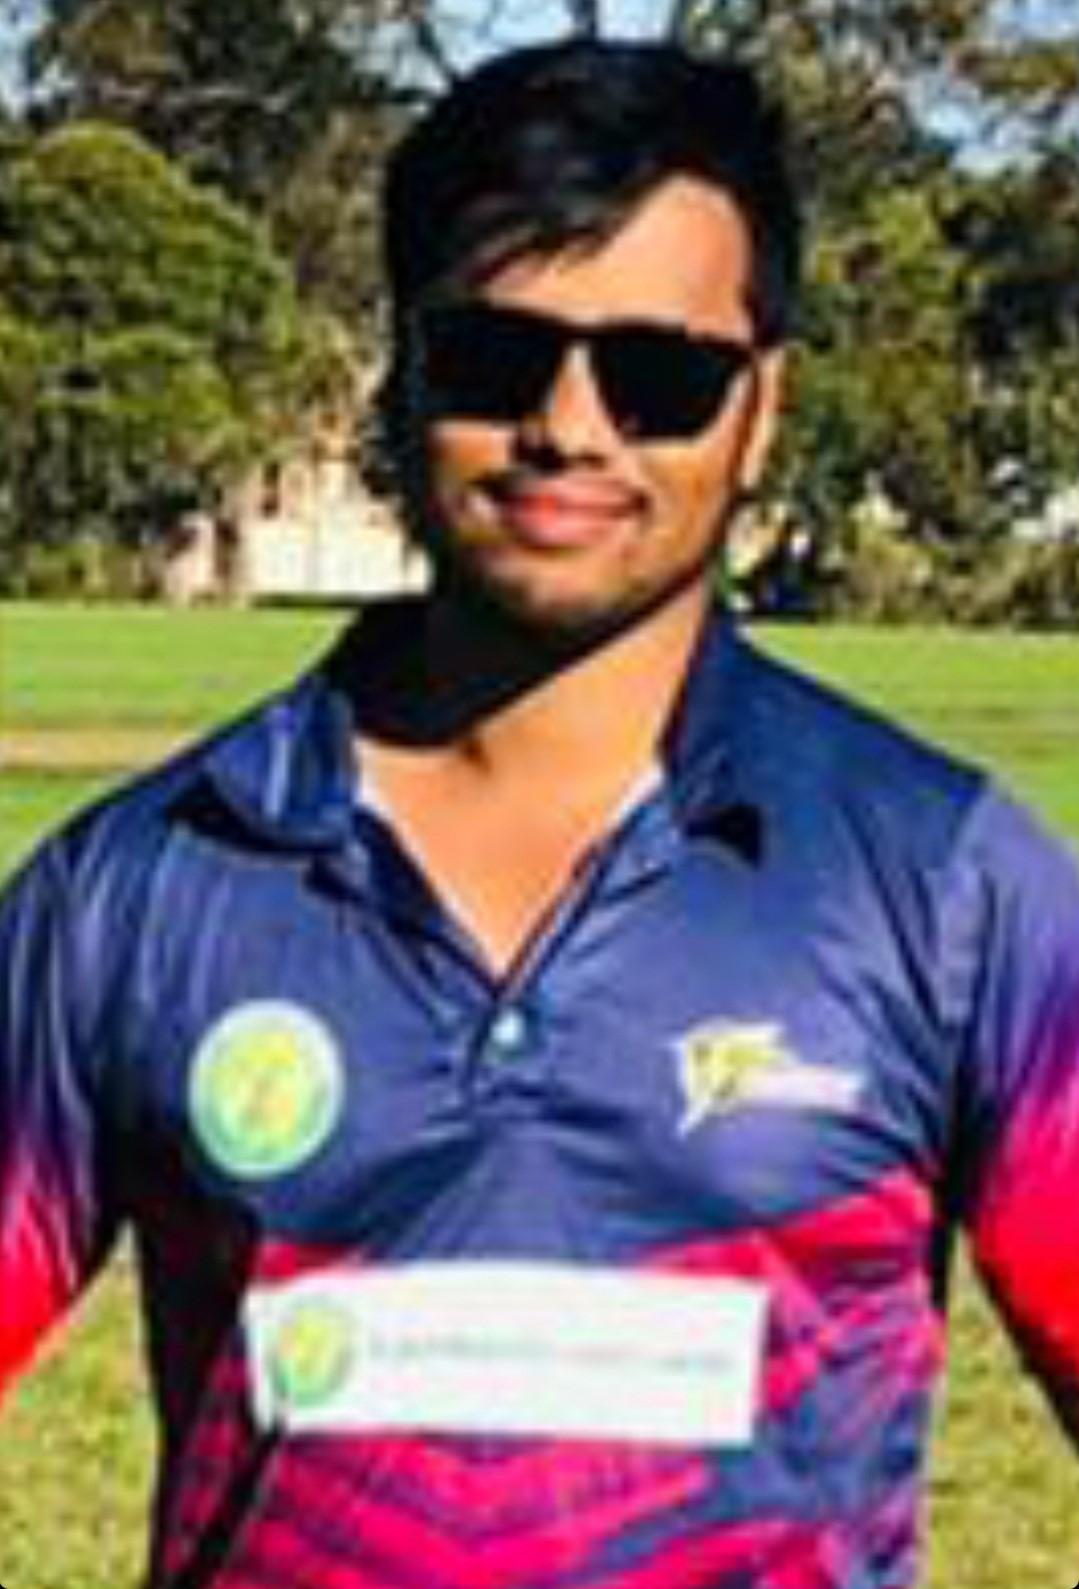 Nahian Shahmat Chowdhury